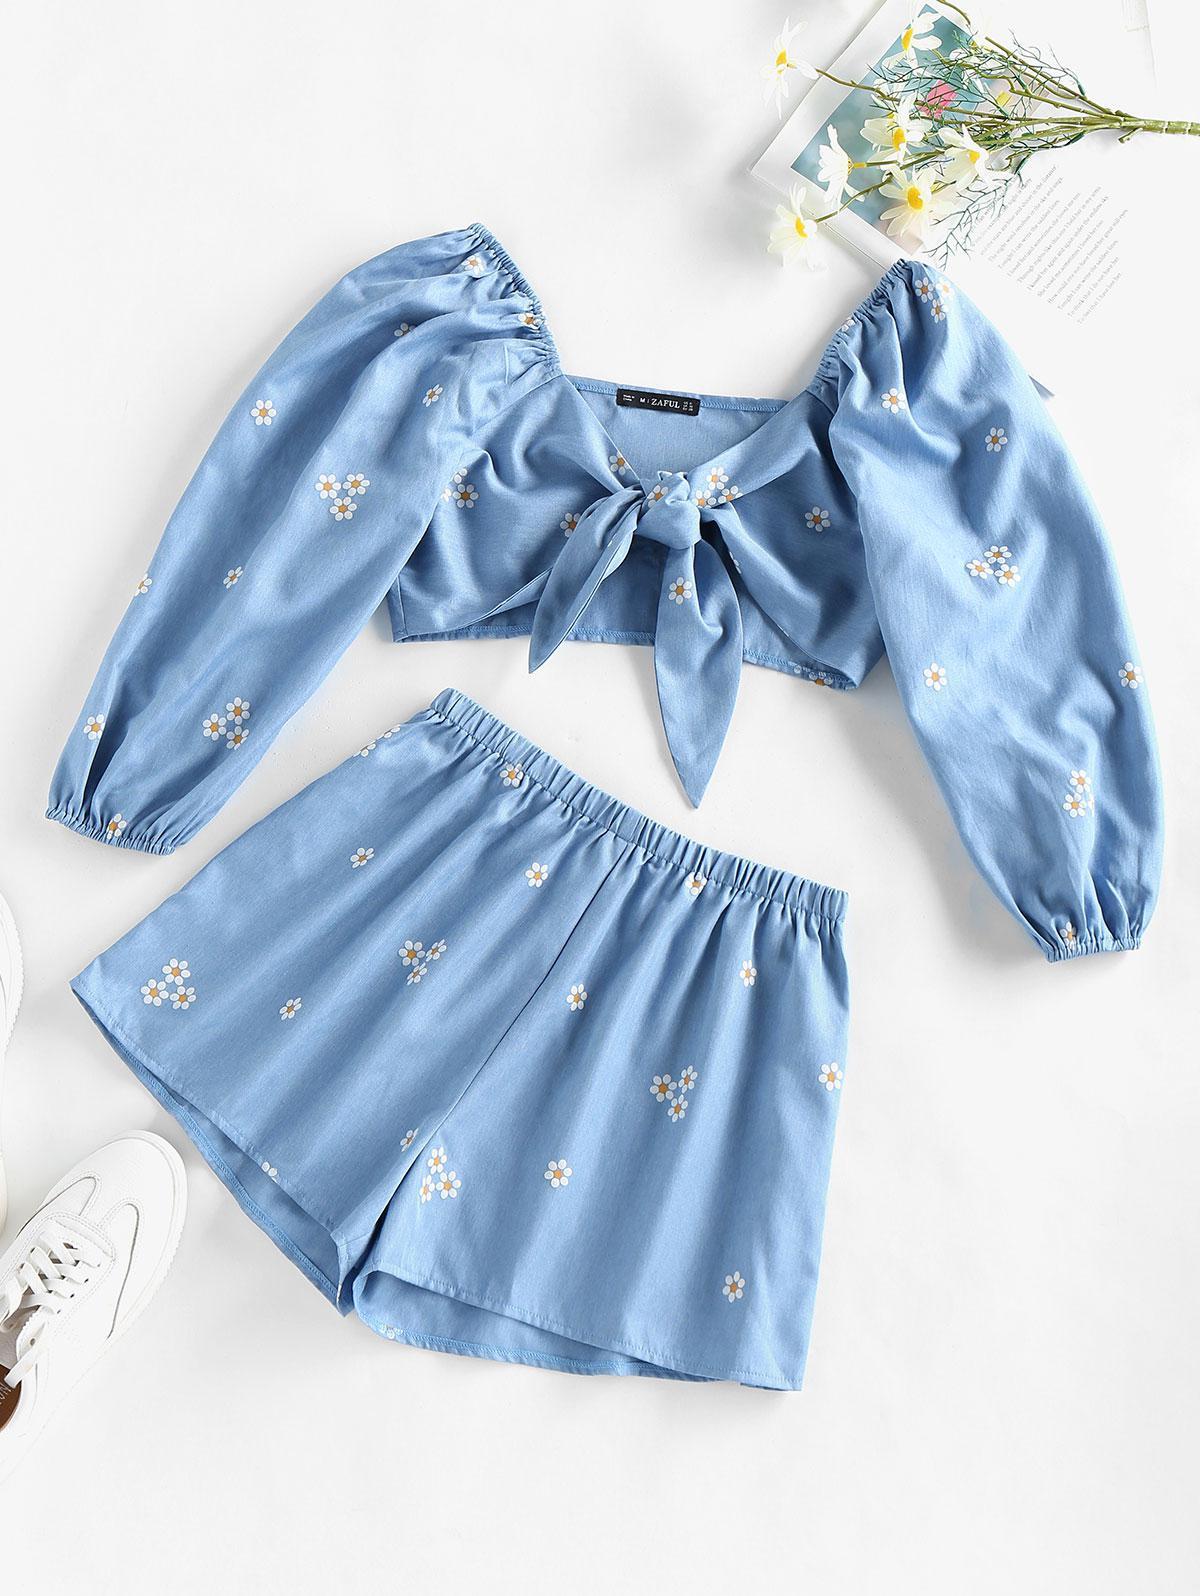 ZAFUL Daisy Print Tie Front Shorts Set